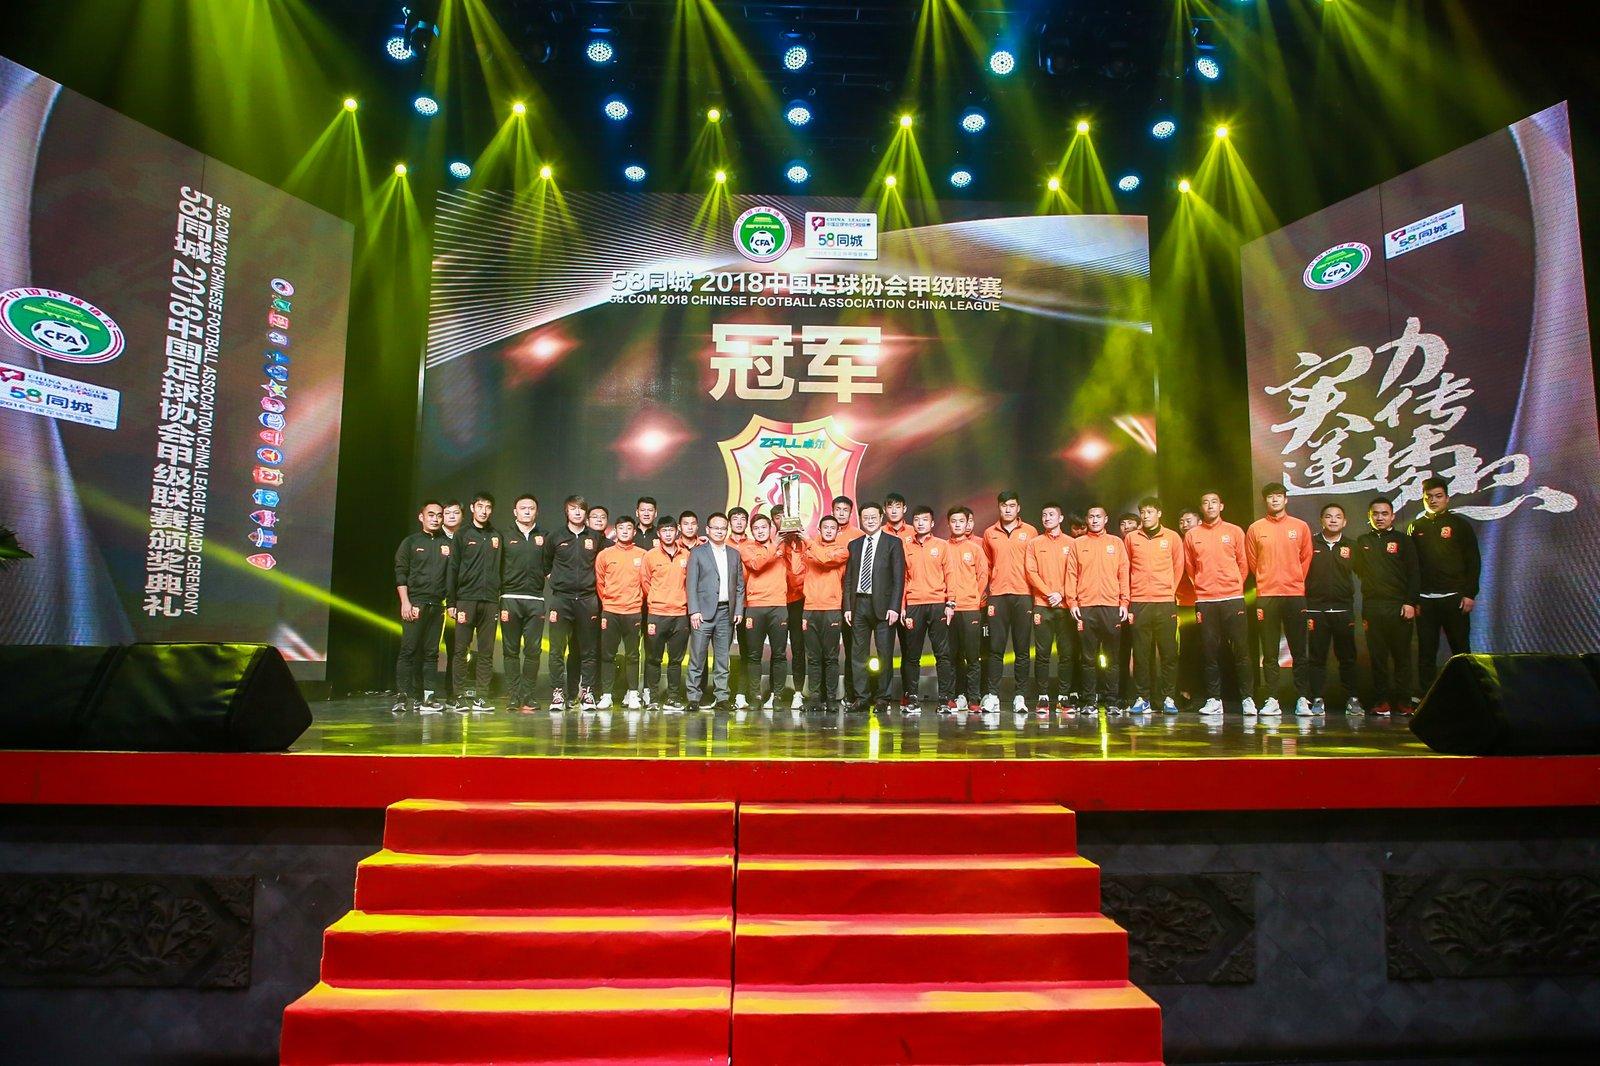 2018中甲颁奖:季骁宣荣膺最佳球员马里获金靴